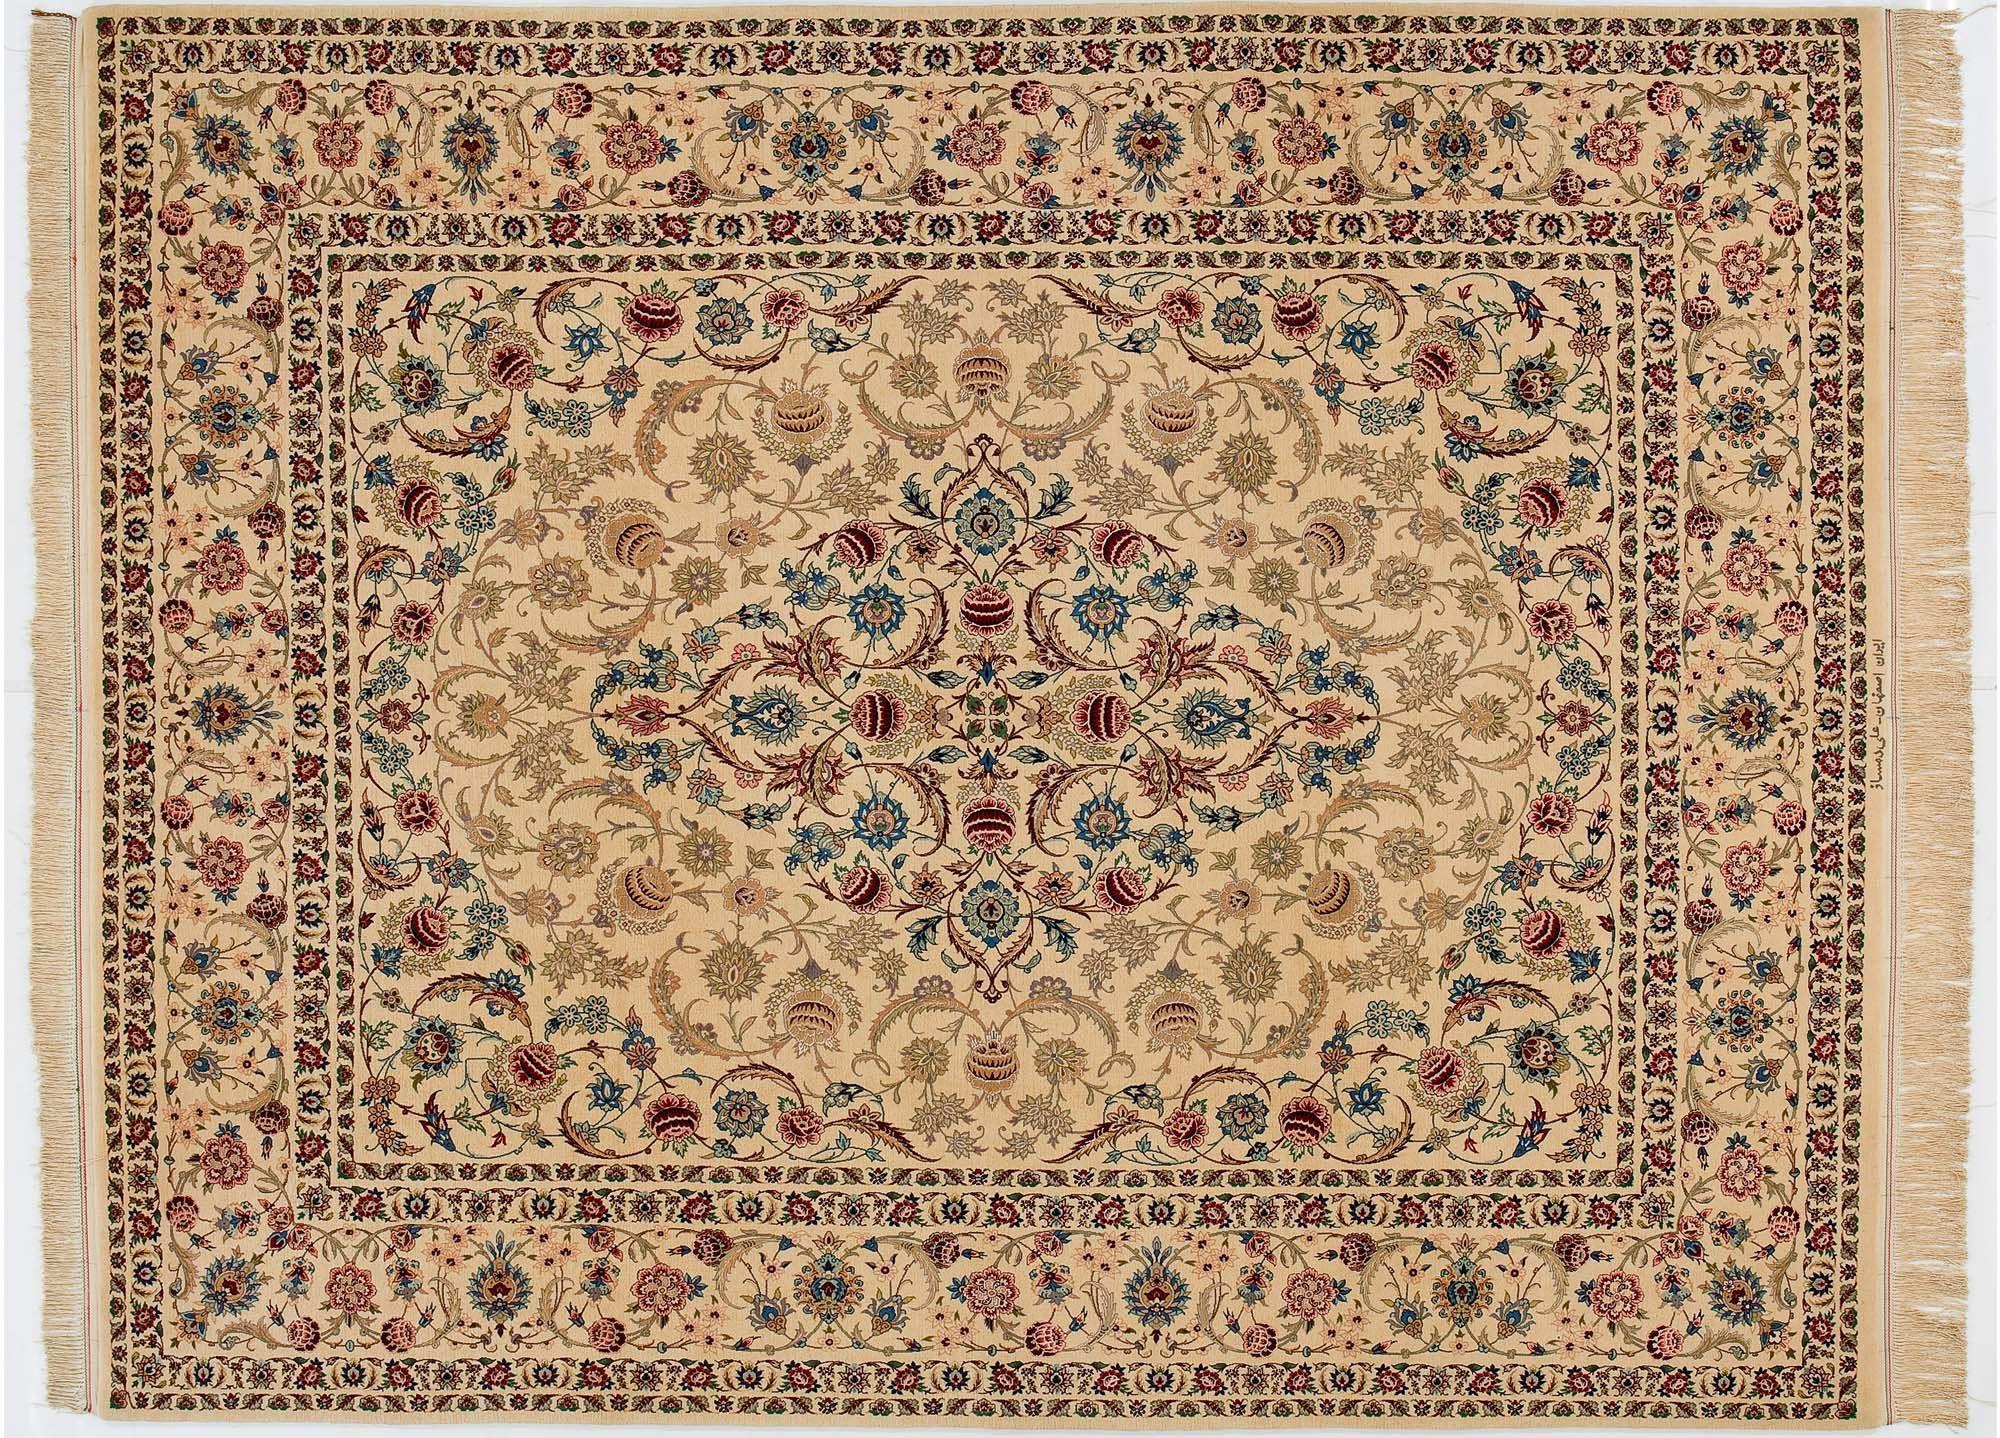 Oriental rug / floral pattern / wool